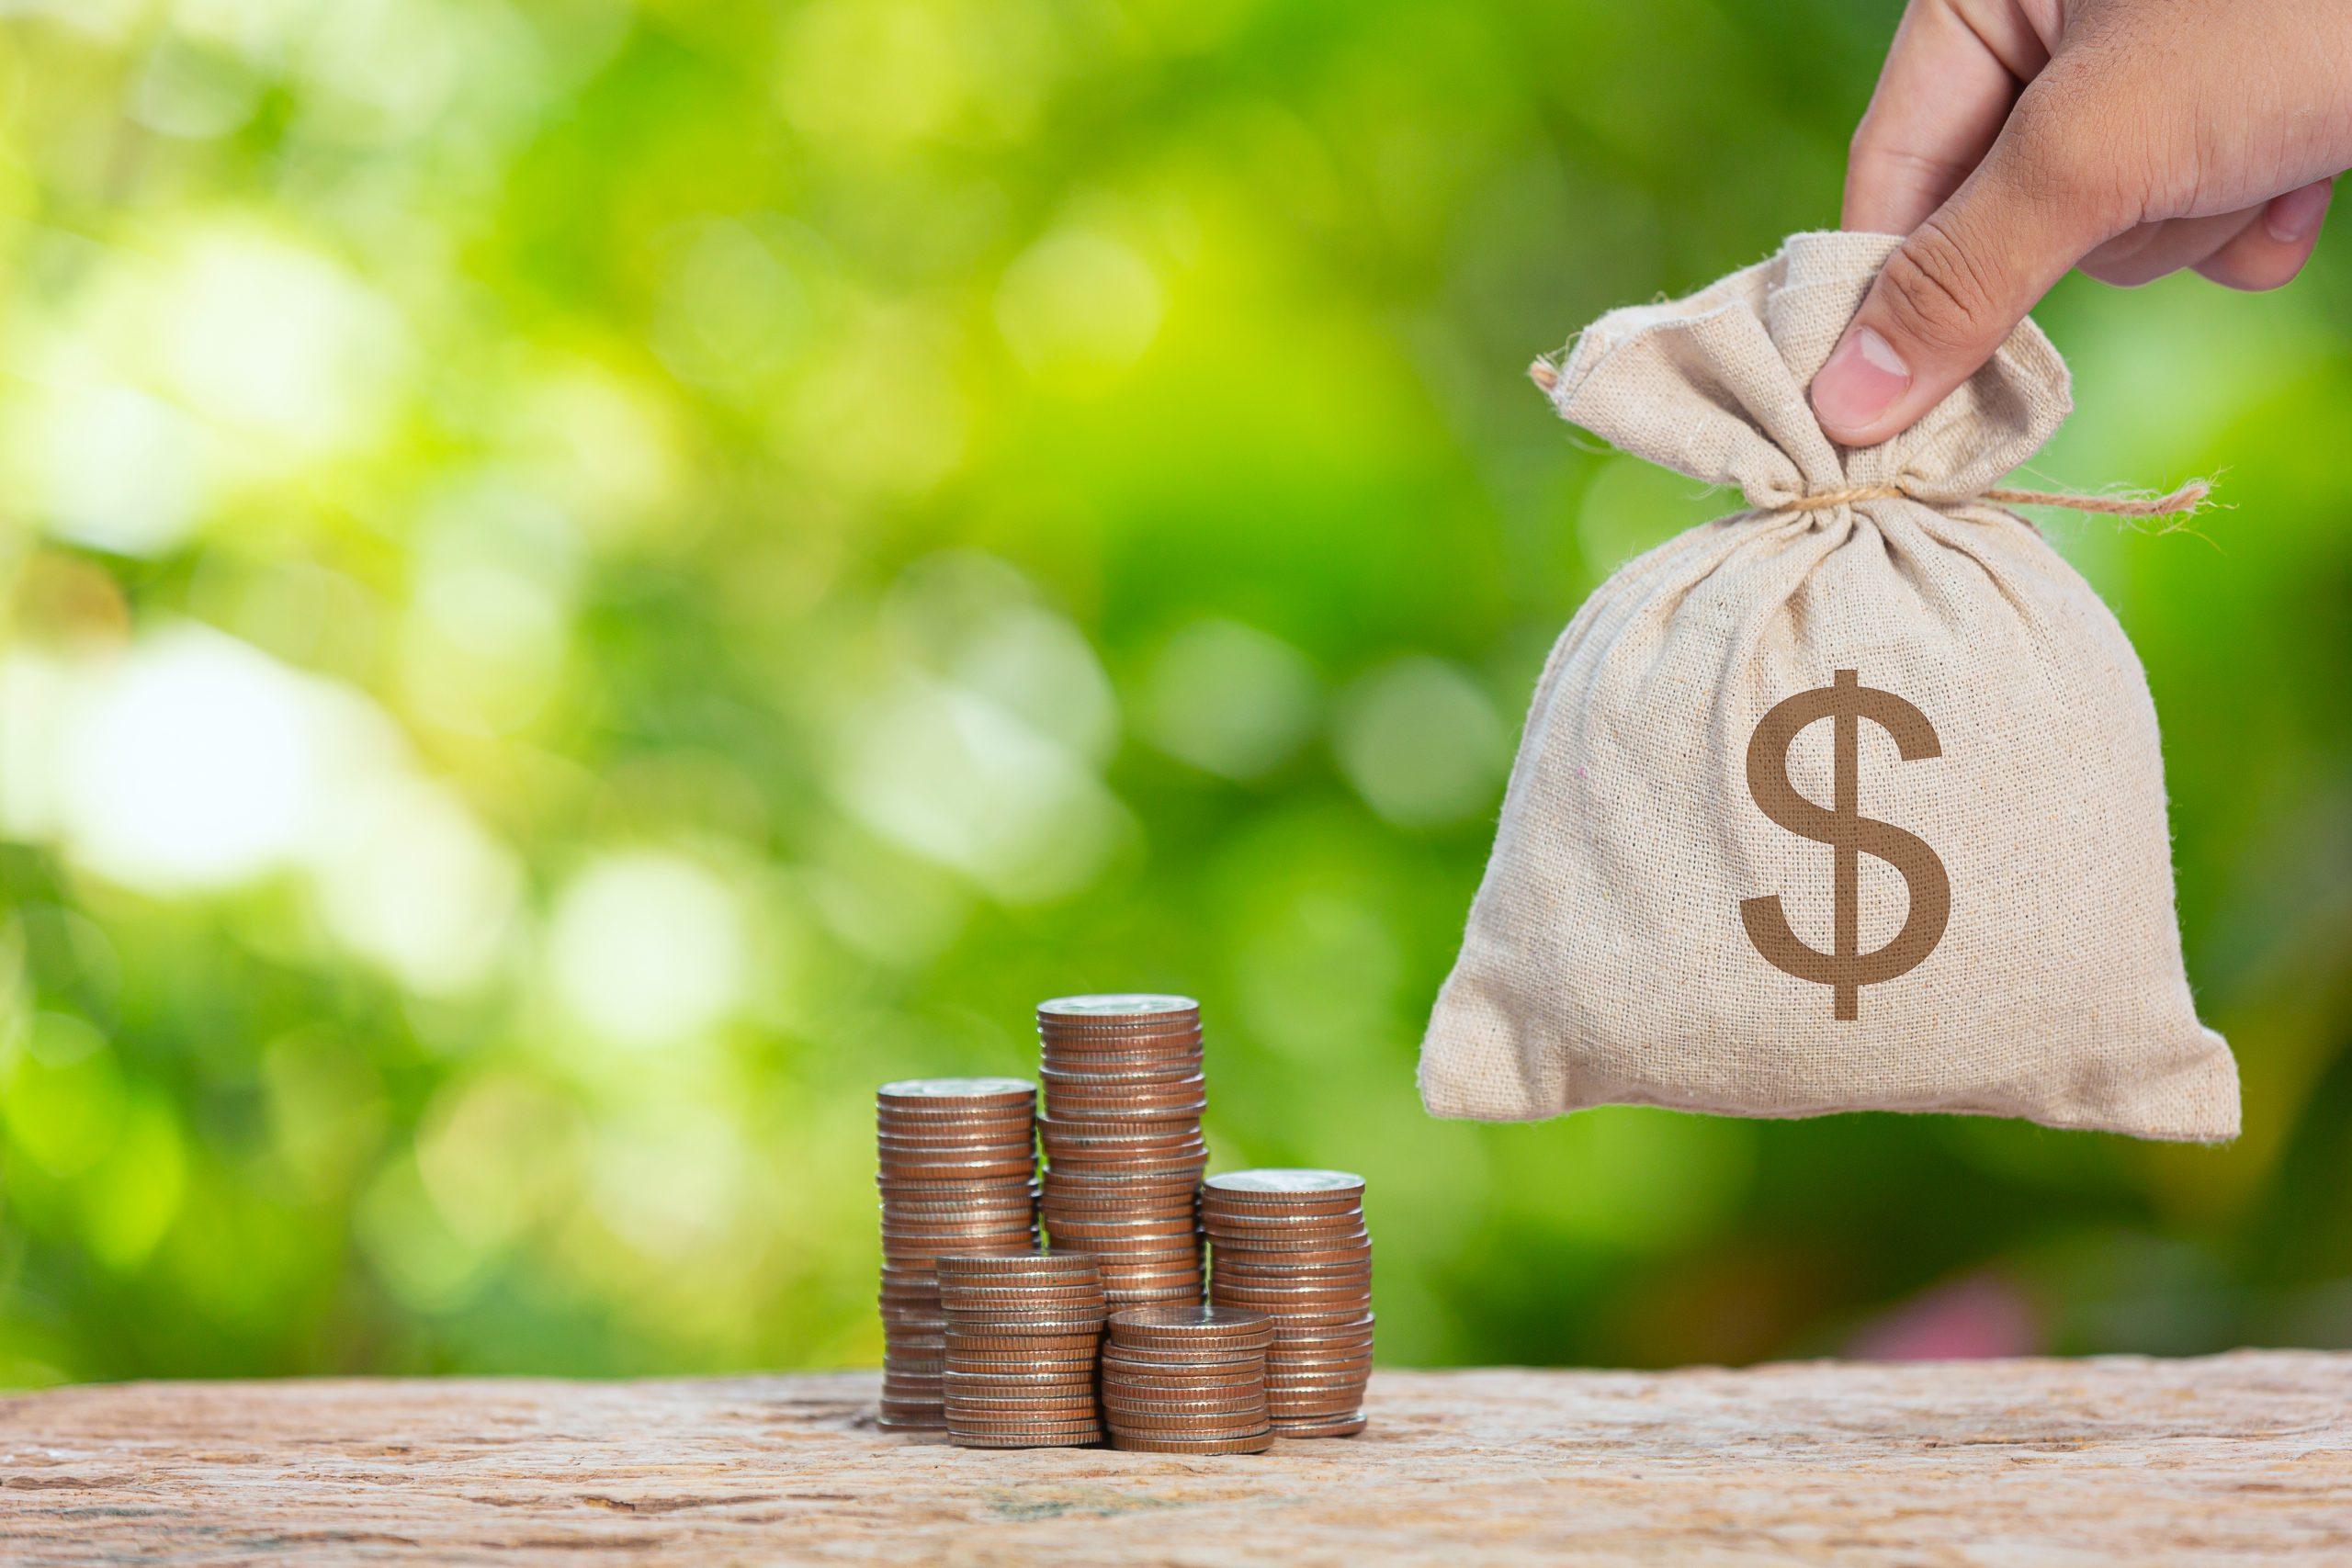 Penhora da posse de imóvel agrícola possibilita cobrança de dívida em Massaranduba(SC)